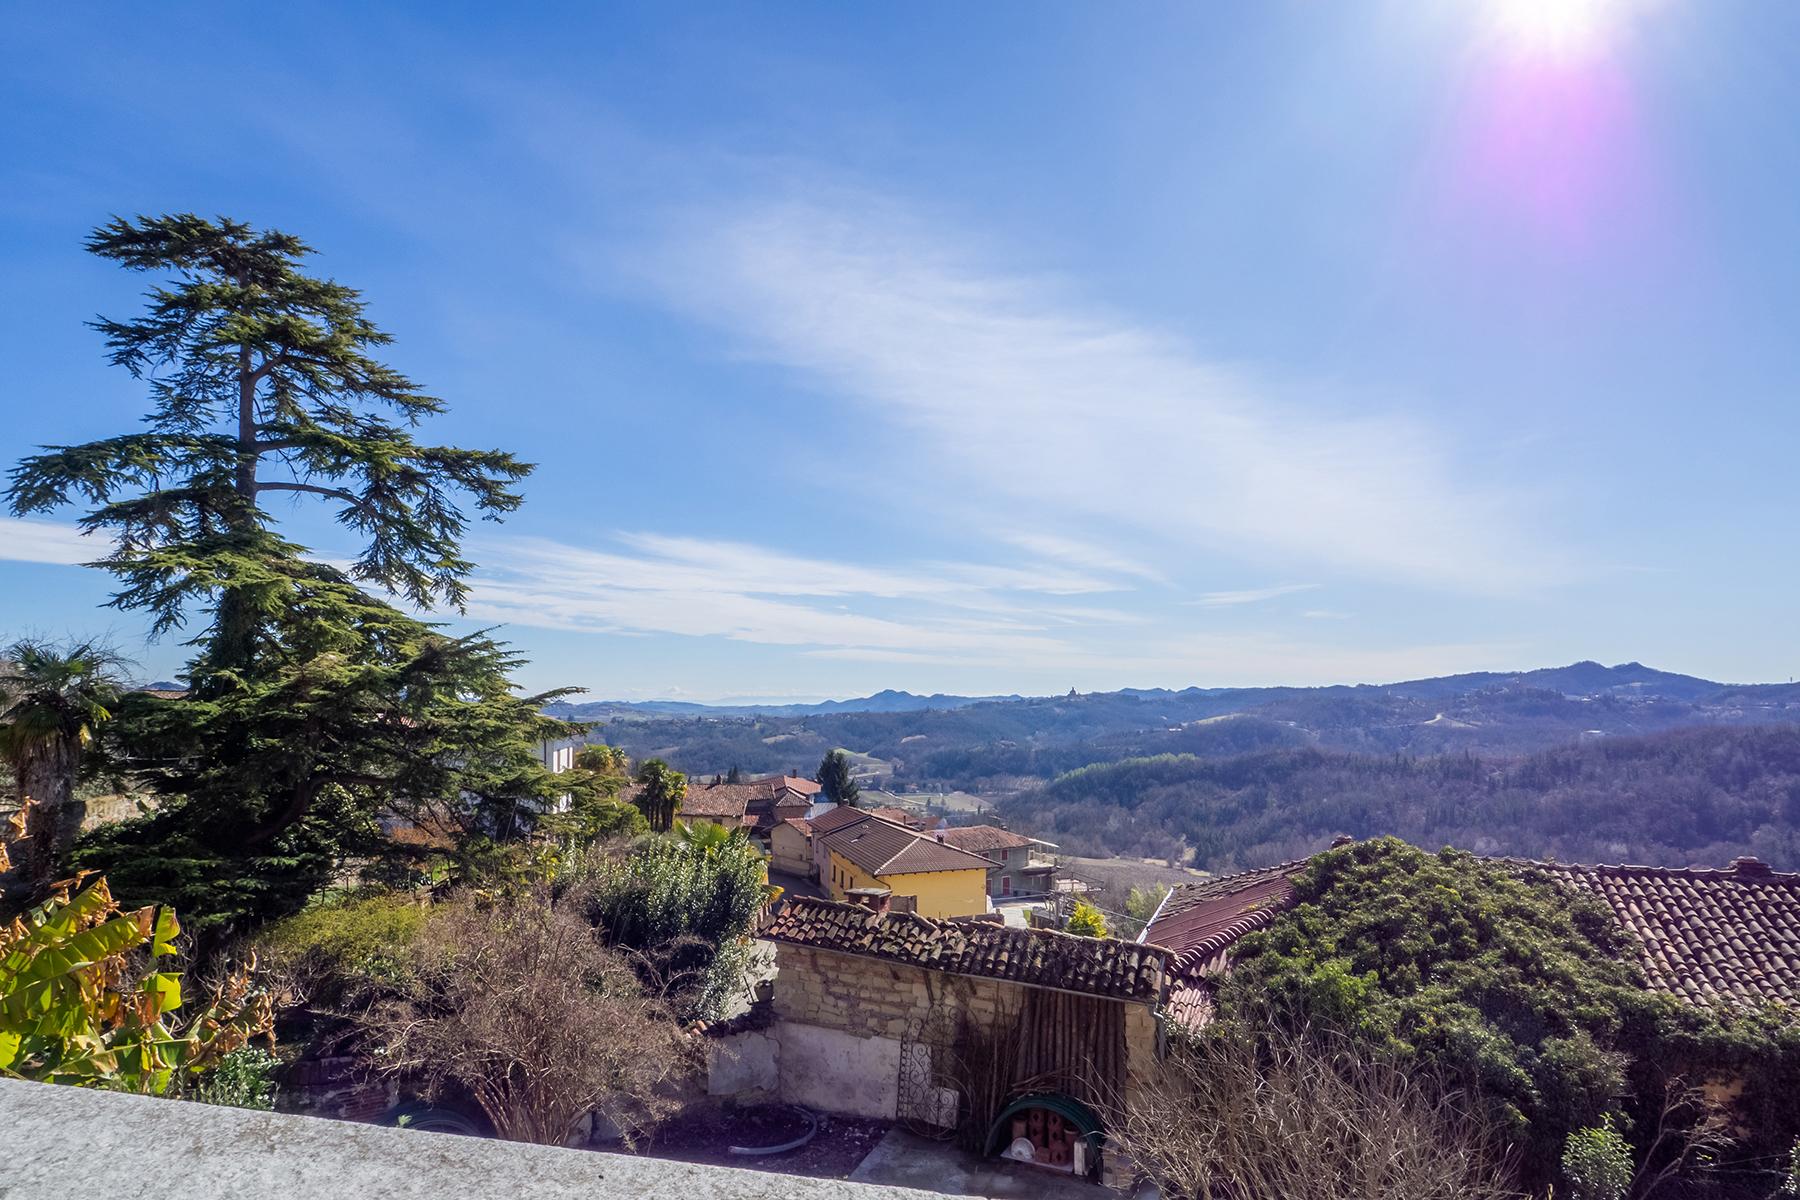 Casa indipendente in Vendita a Moncestino: 5 locali, 300 mq - Foto 13